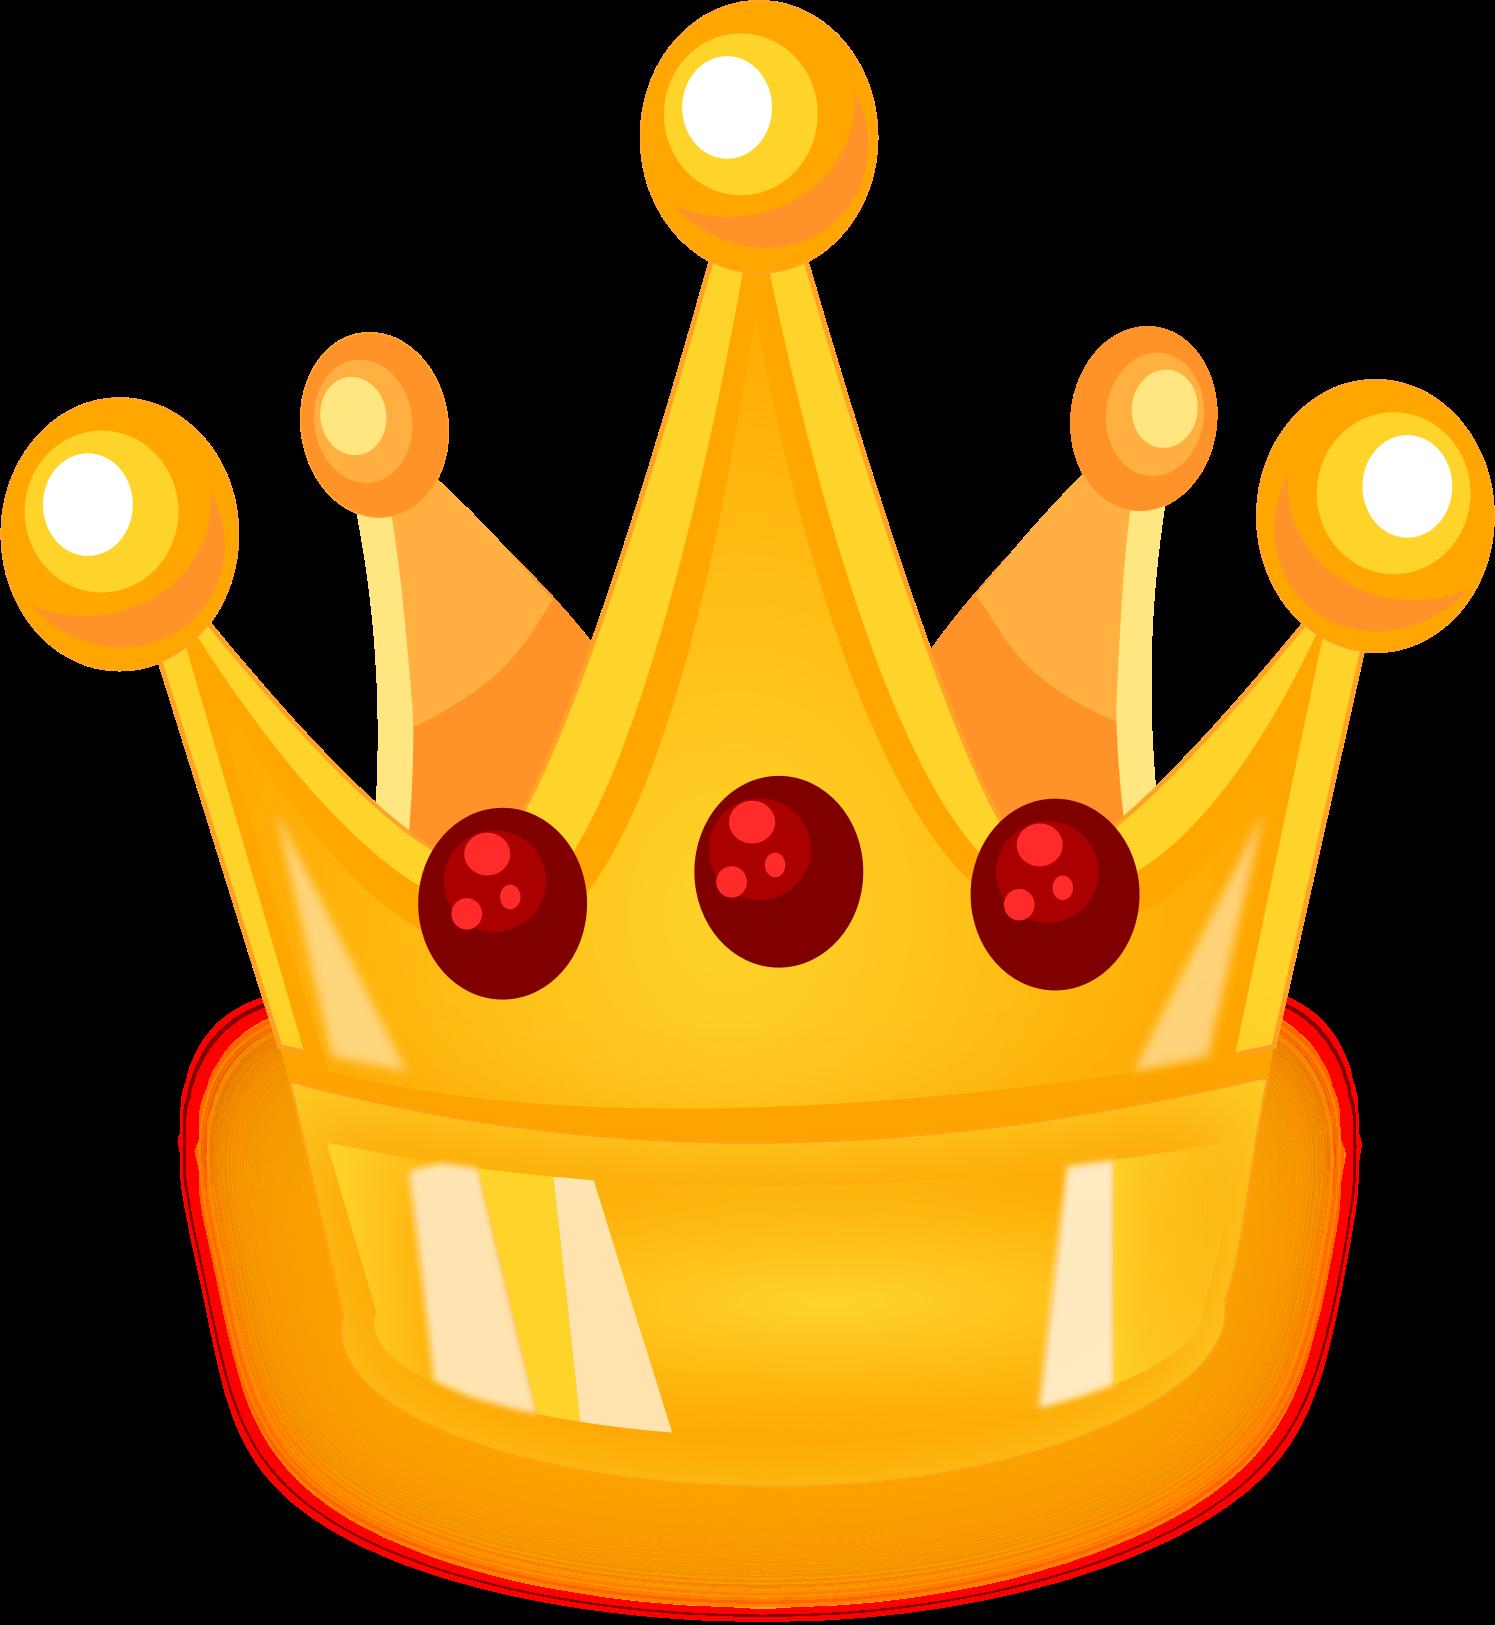 HD Cartoon Crown Transparent Png.